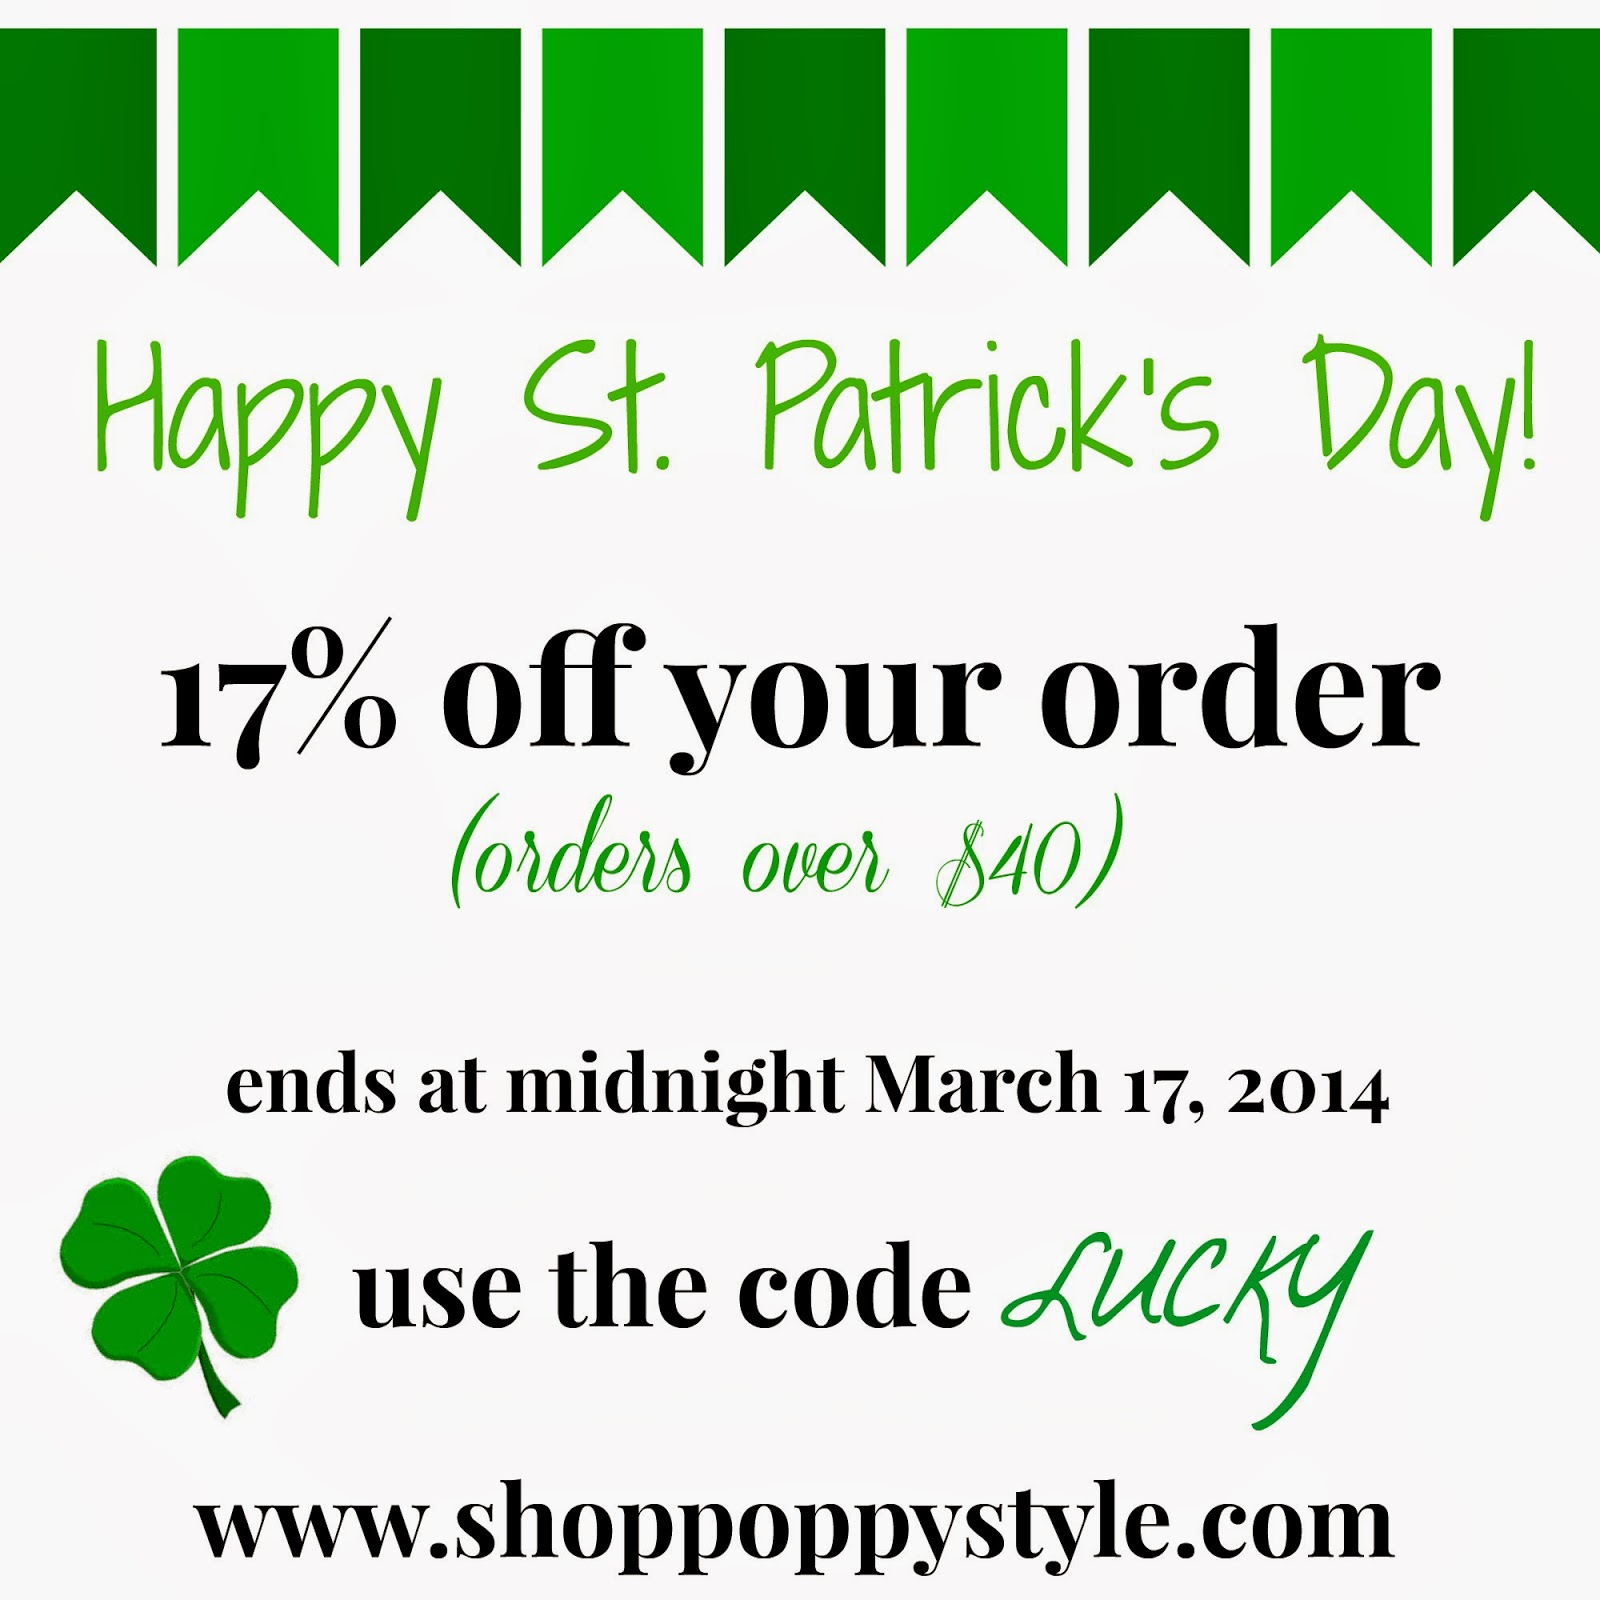 www.shoppoppystyle.com